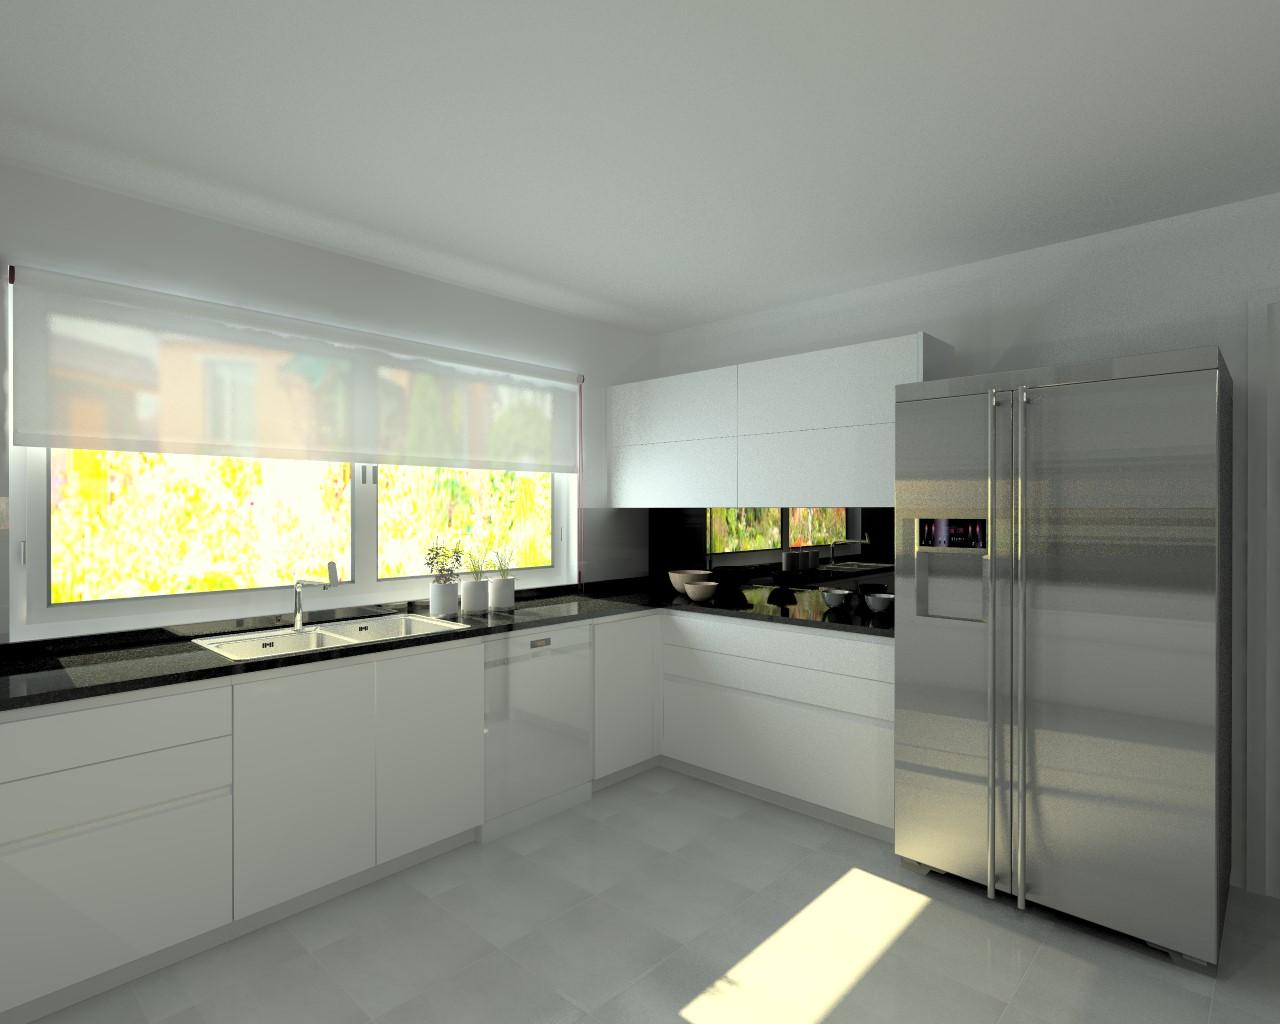 Cocinas blancas con encimera de granito cocina cocina for Cuanto cuesta una encimera de cocina